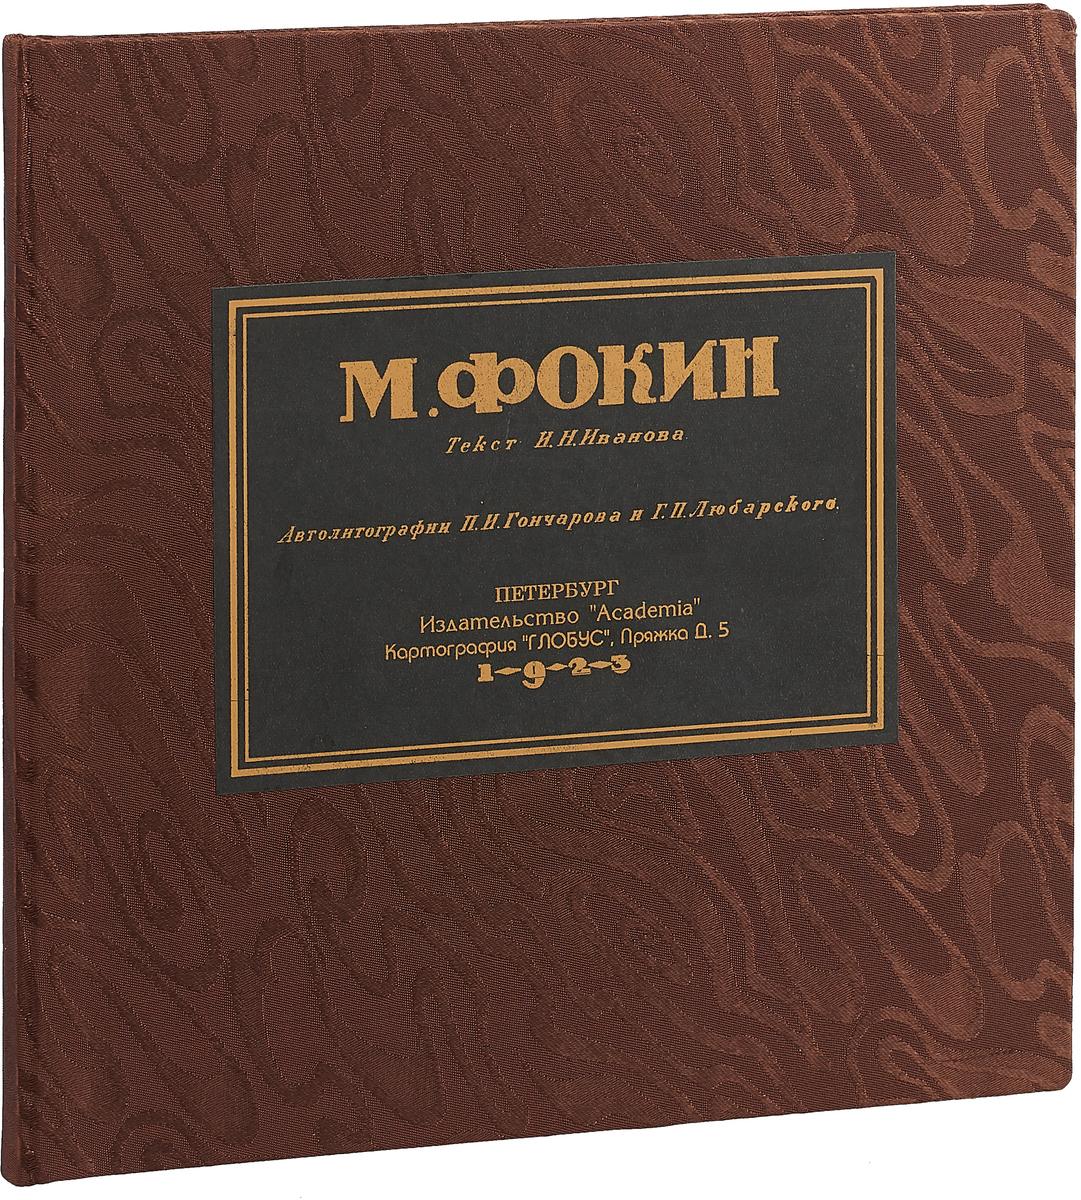 М. Фокин цена